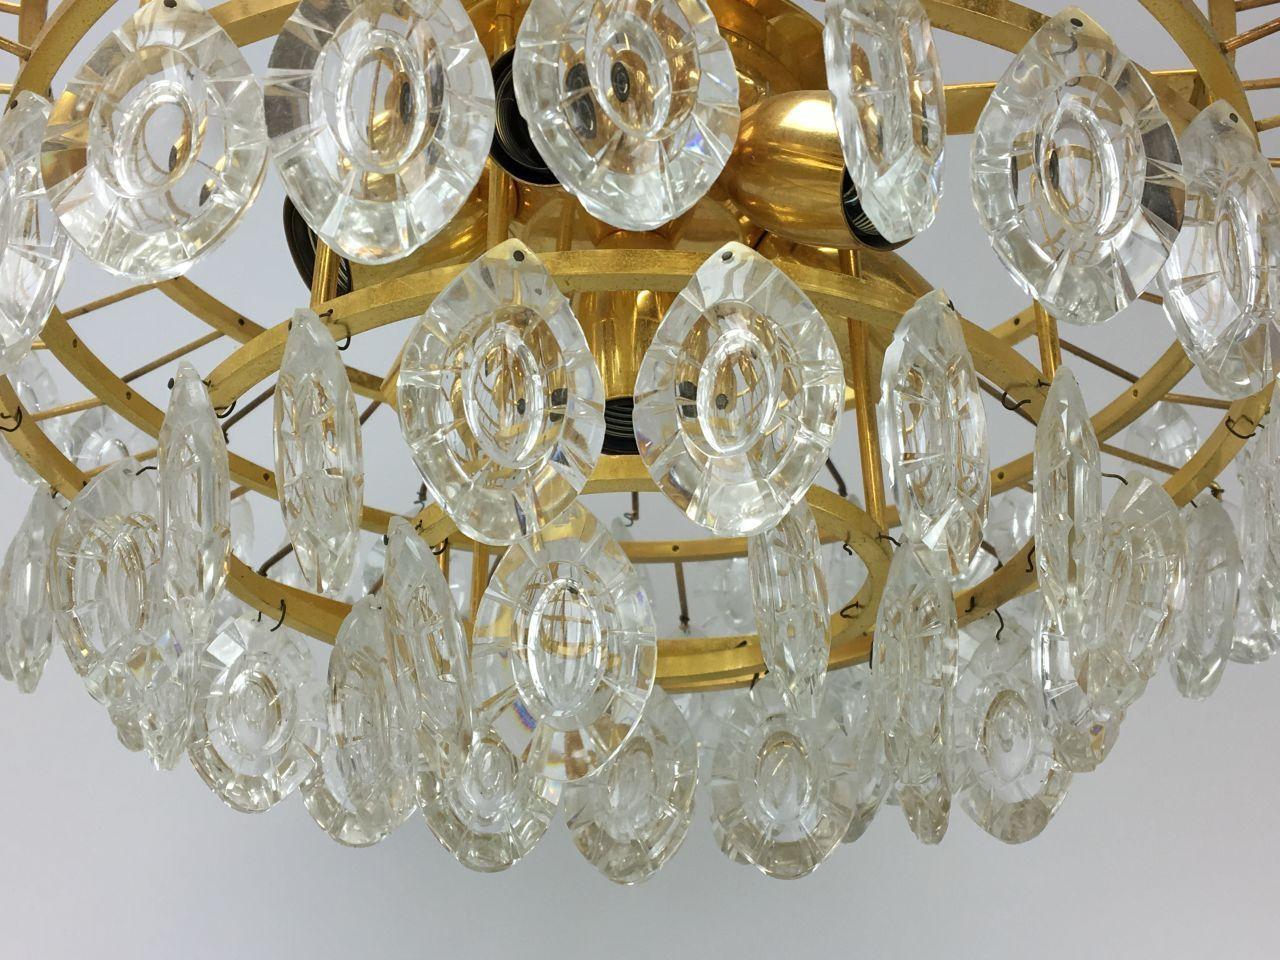 kronleuchter aus messing glas von kinkeldey 1960er bei pamono kaufen. Black Bedroom Furniture Sets. Home Design Ideas